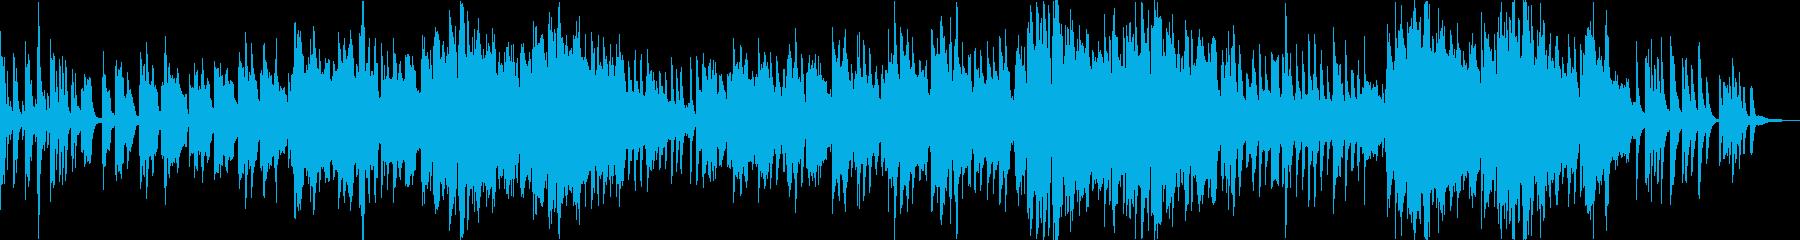 ピアノとクラリネットが印象的なバラードの再生済みの波形